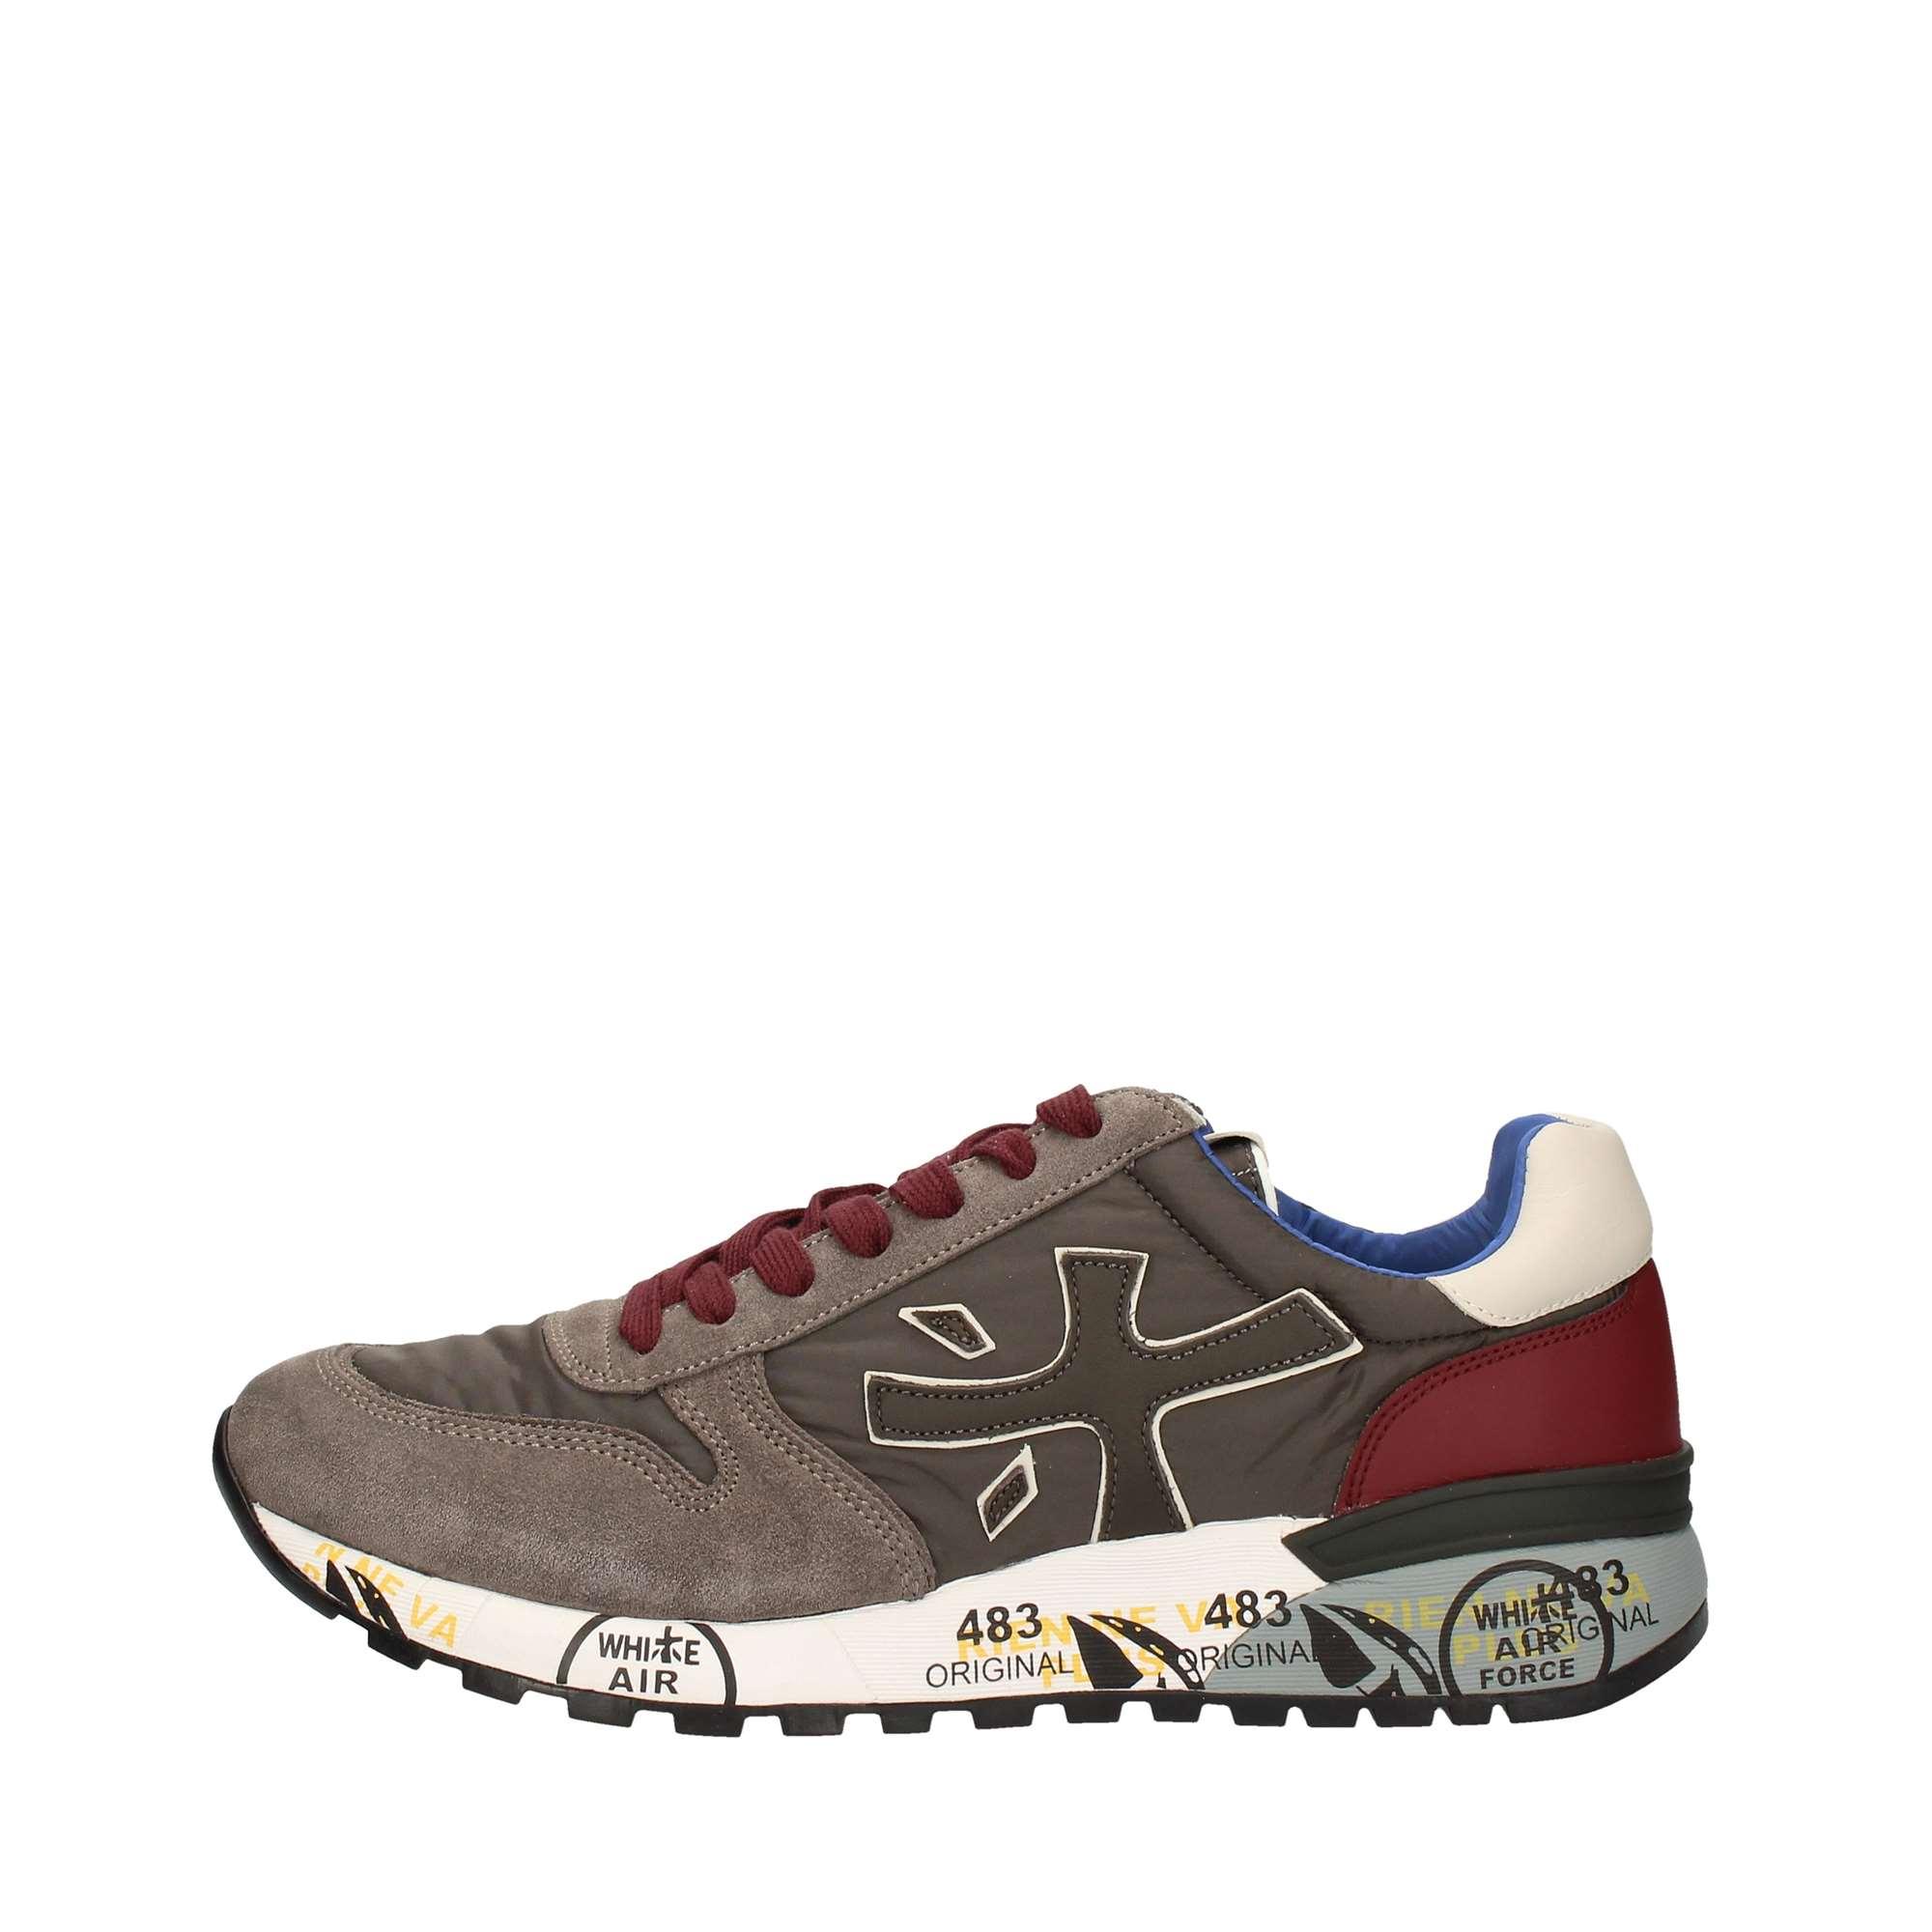 PREMIATA Sneakers uomo Consegna gratuita | Spartoo.it